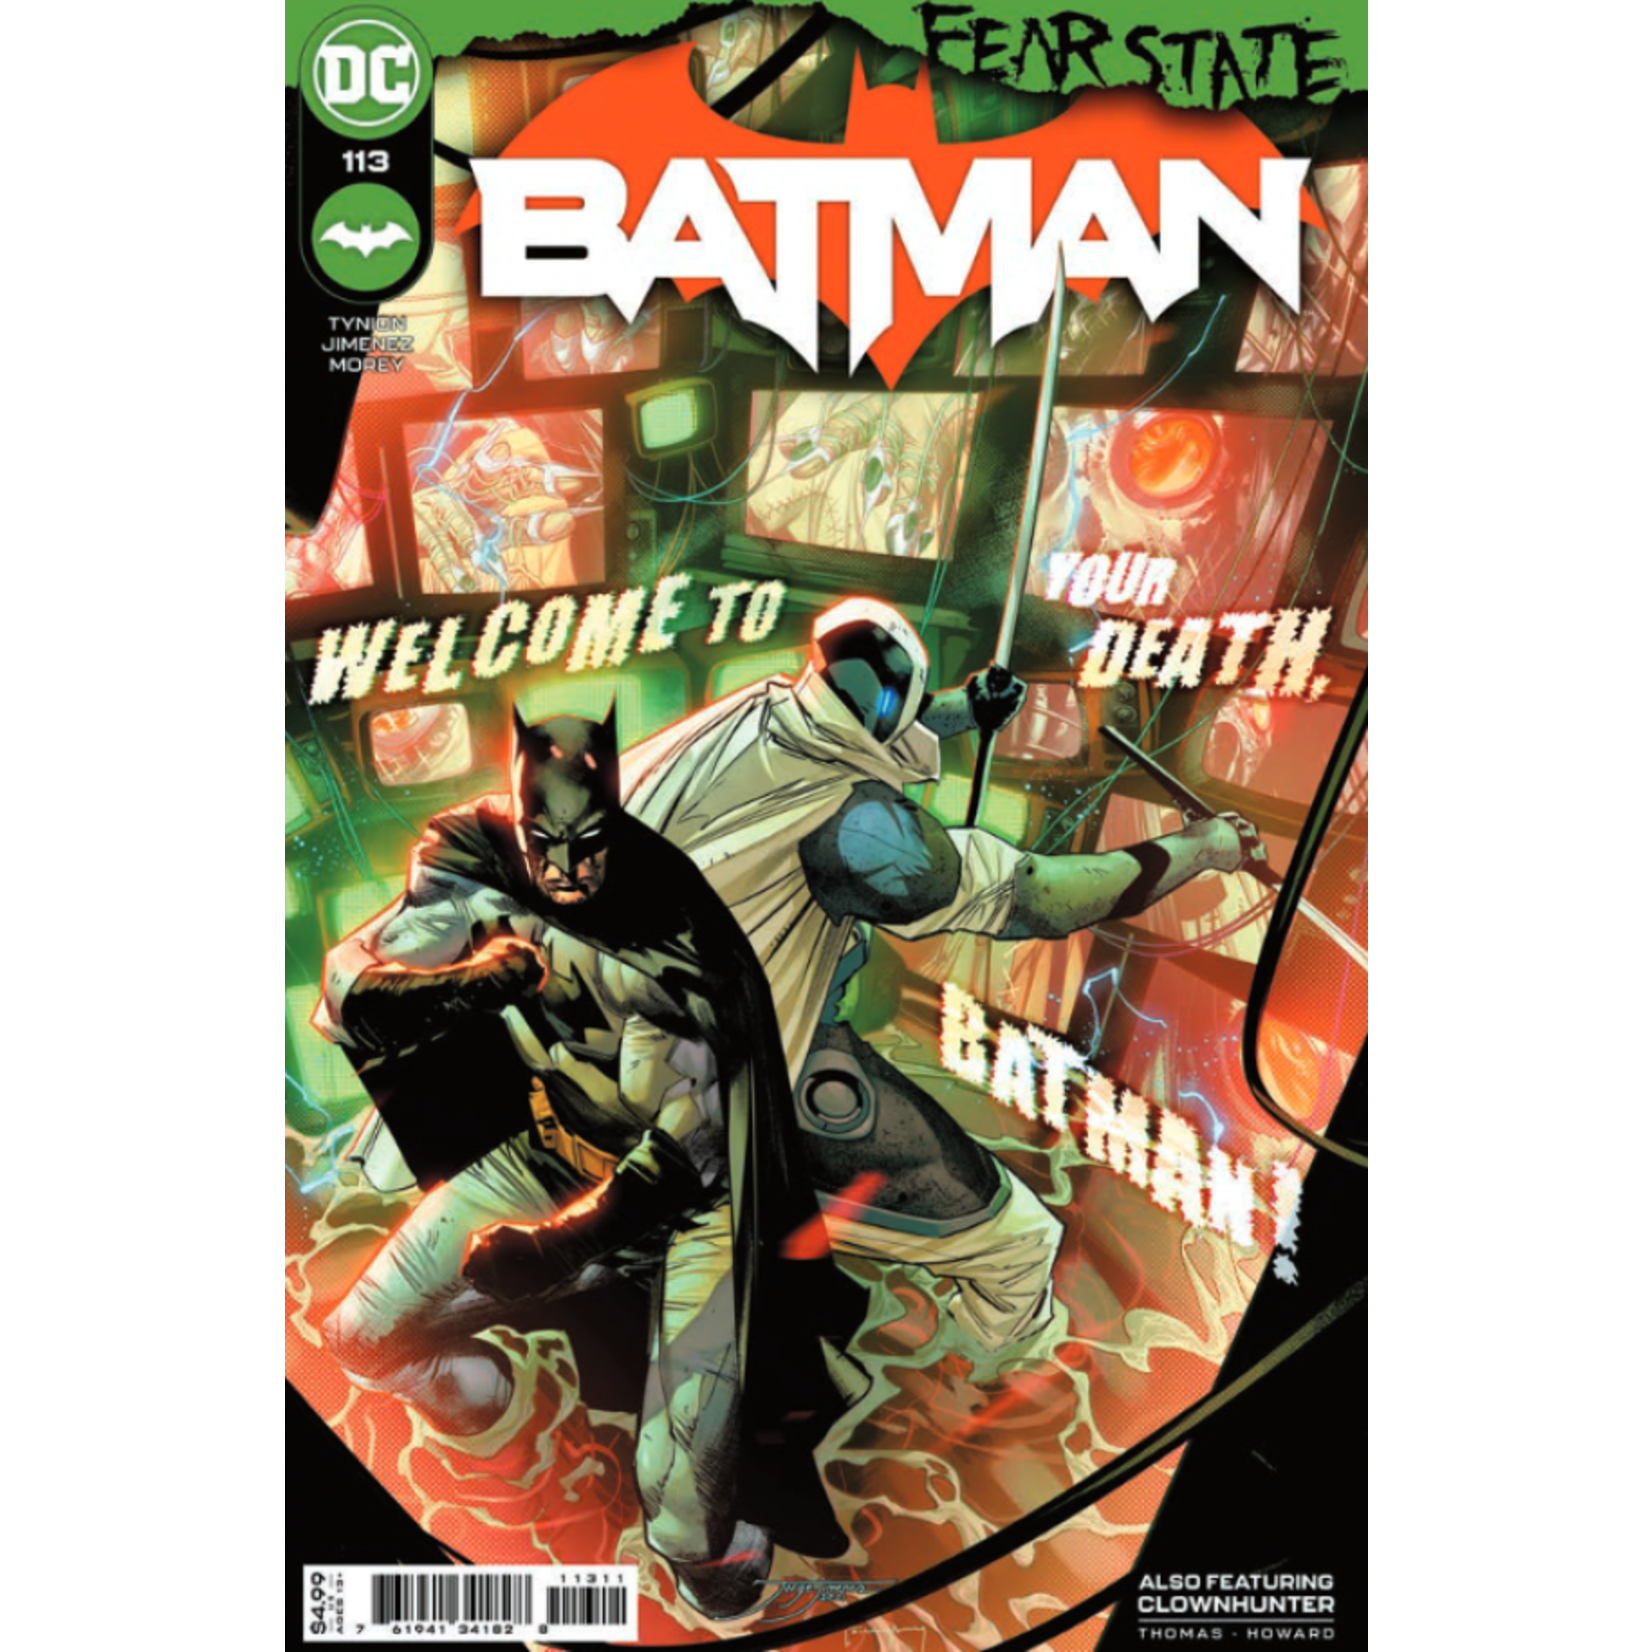 DC Comics Batman #113